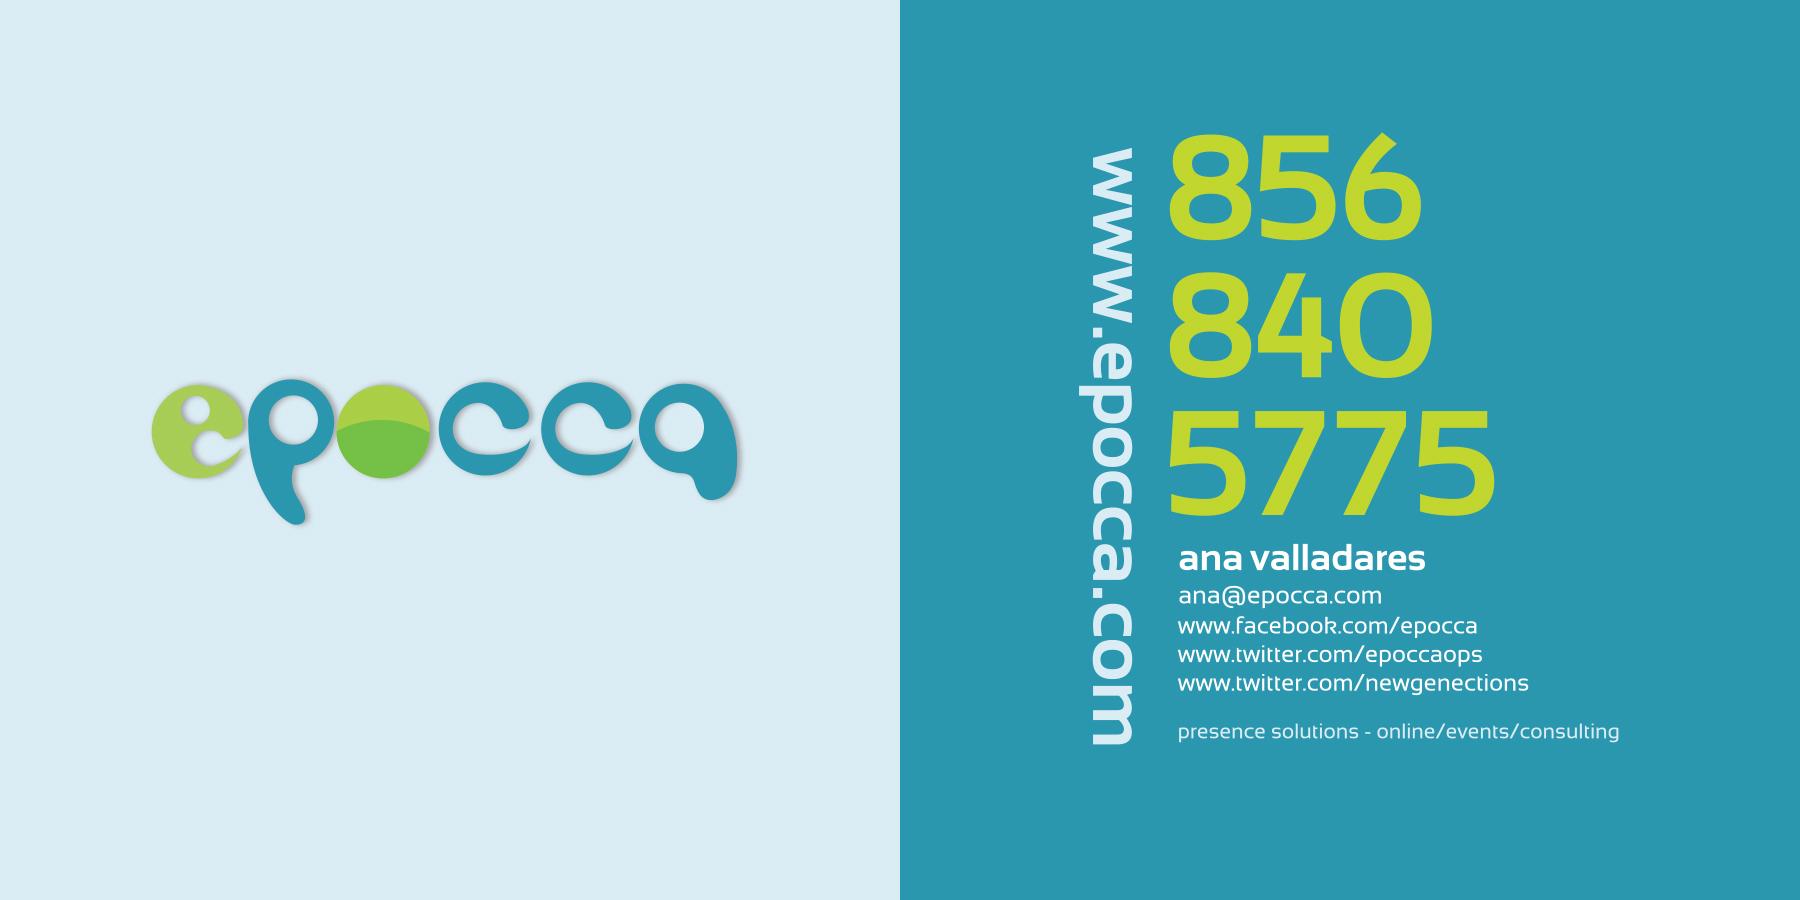 Epocca_Business Card_FINAL.jpg